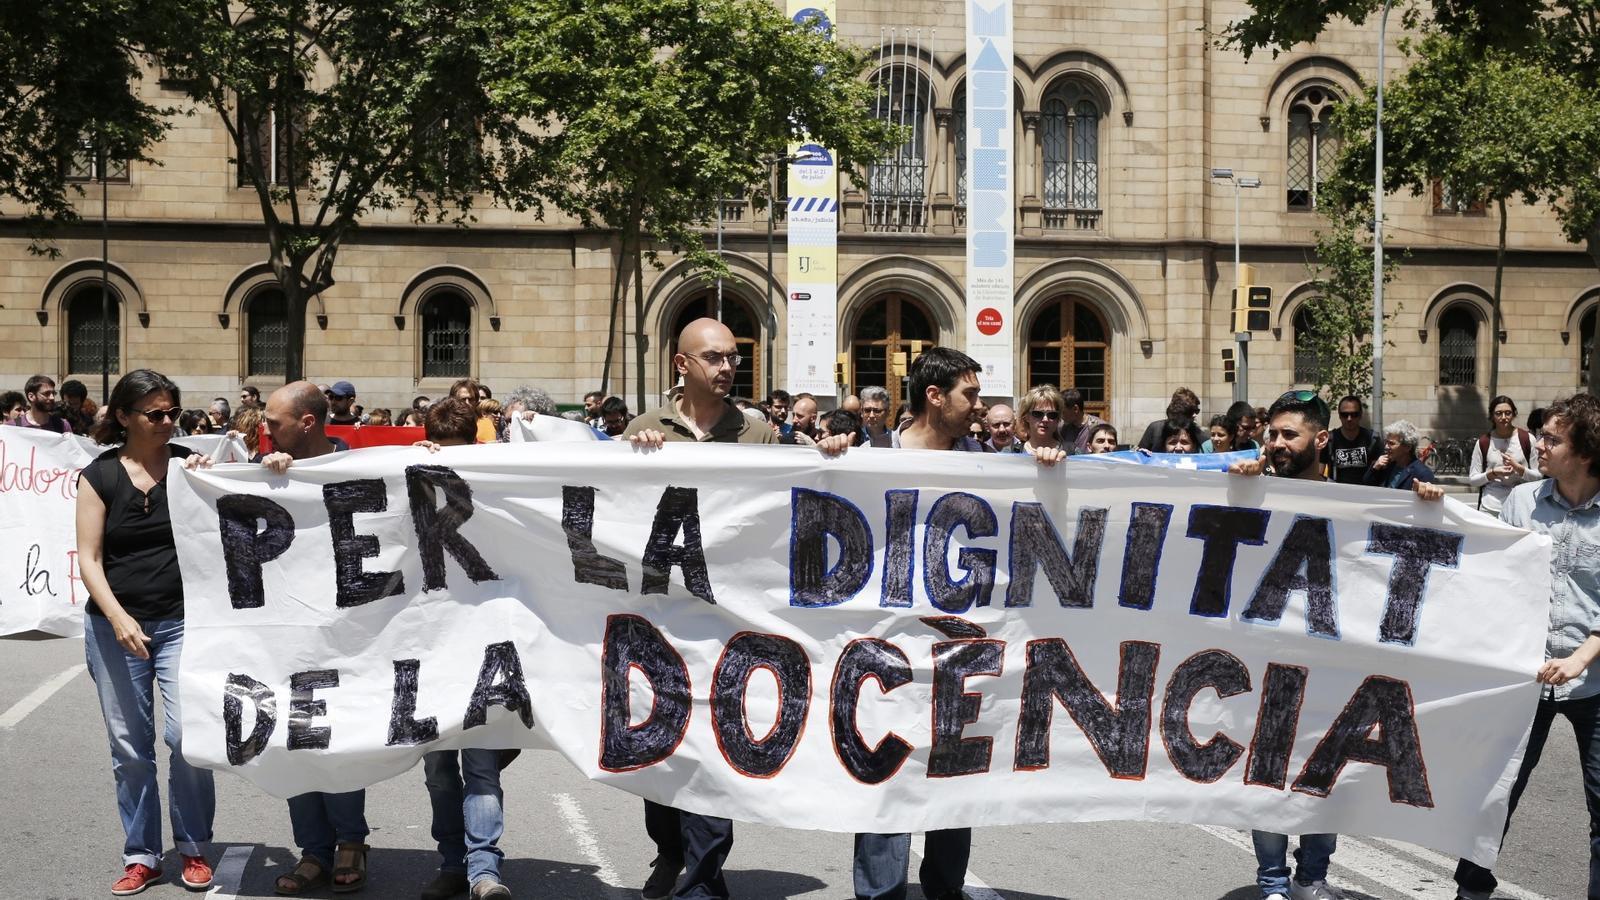 La manifestació contra la precarització del professorat va començar a plaça Universitat / FRANCESC MELCION